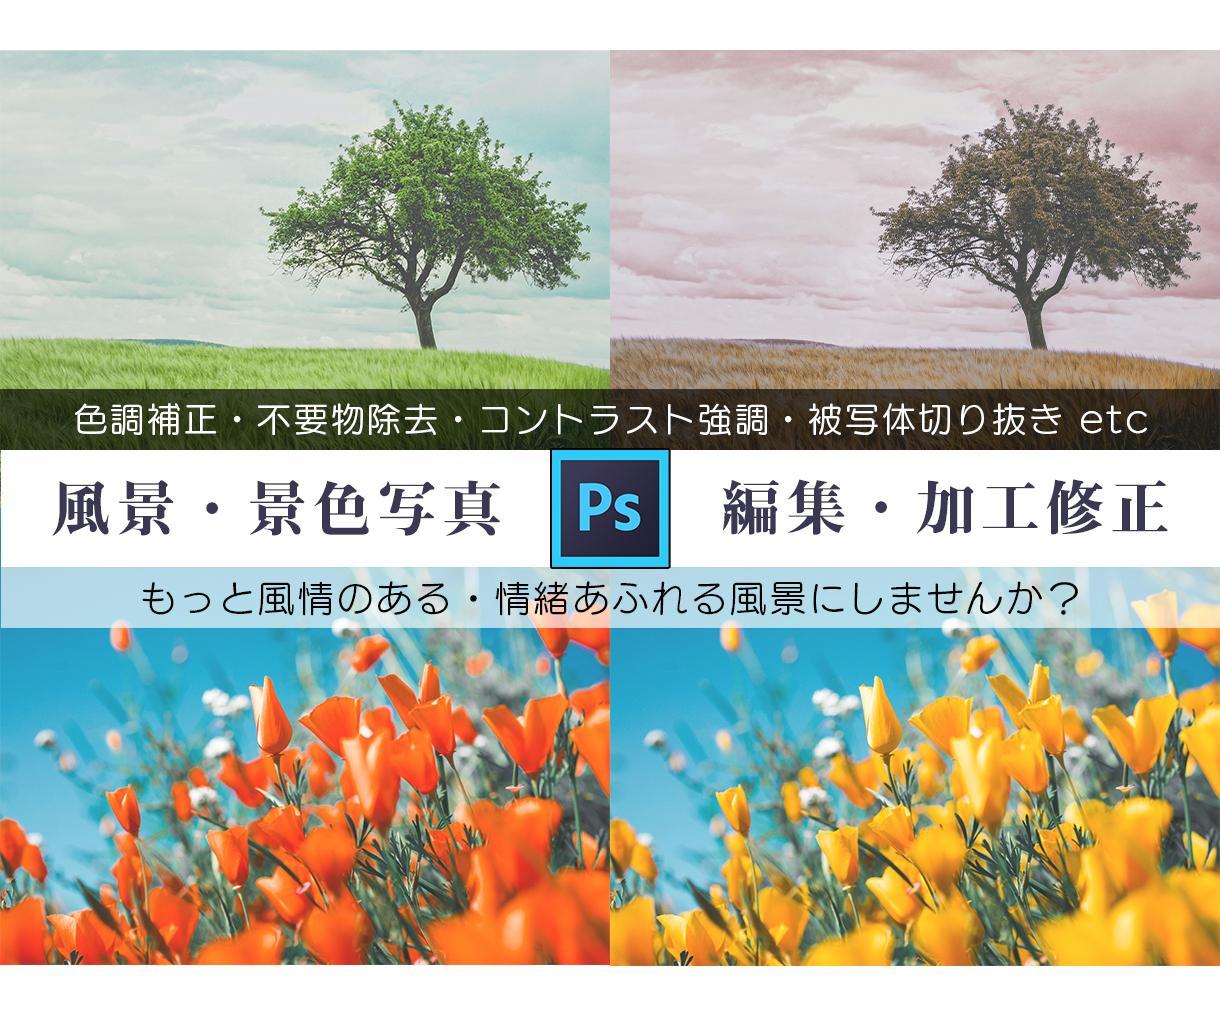 風景レタッチ♪不要物除去・色調補正・修正を承ります 雰囲気のある1枚に♪修正・加工・補正・不要物除去はお任せ♪ イメージ1